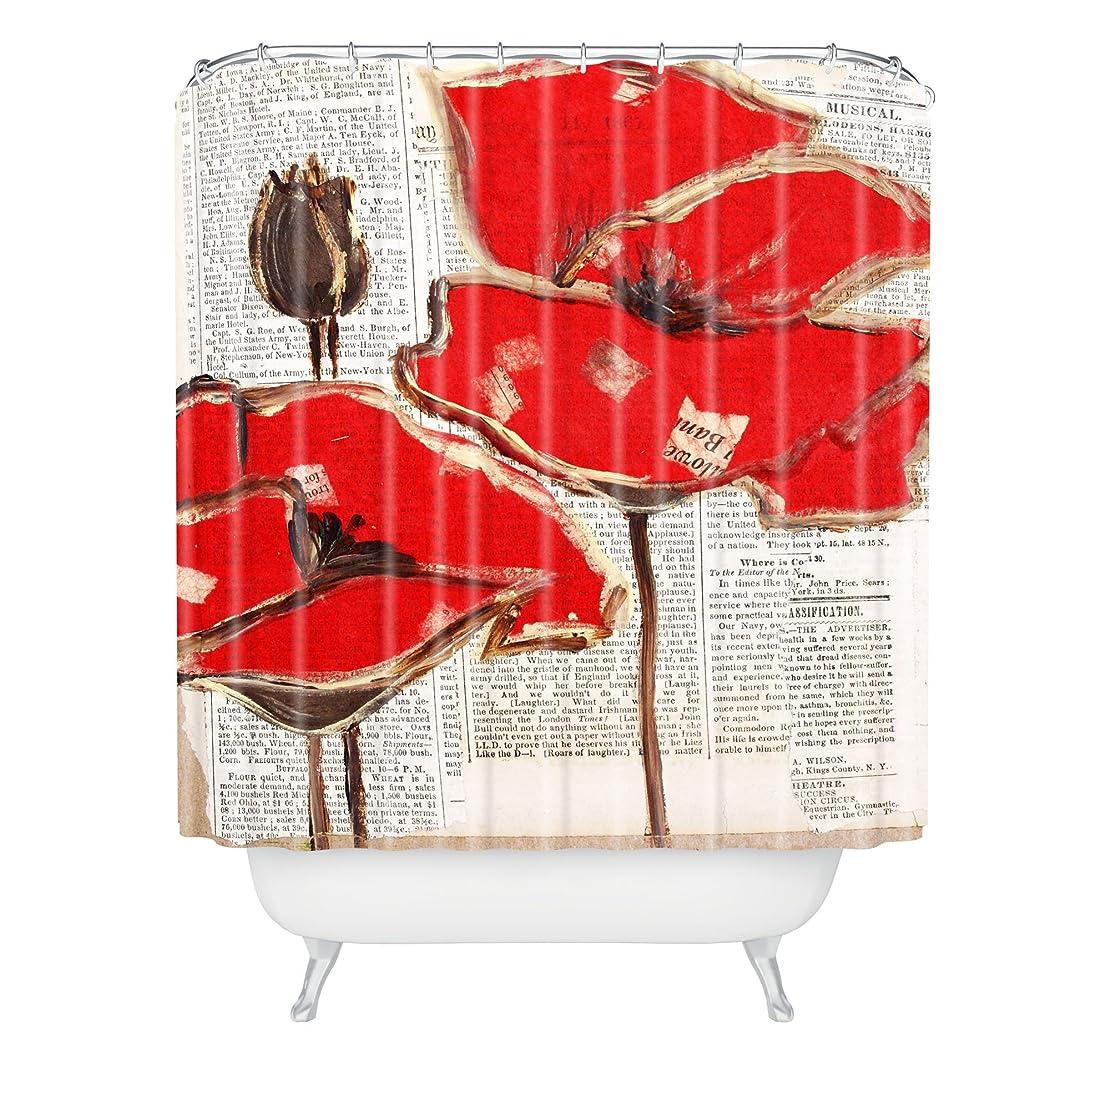 解決する一過性ペダルDENYデザインIrena OrlovレッドPerfectionシャワーカーテン